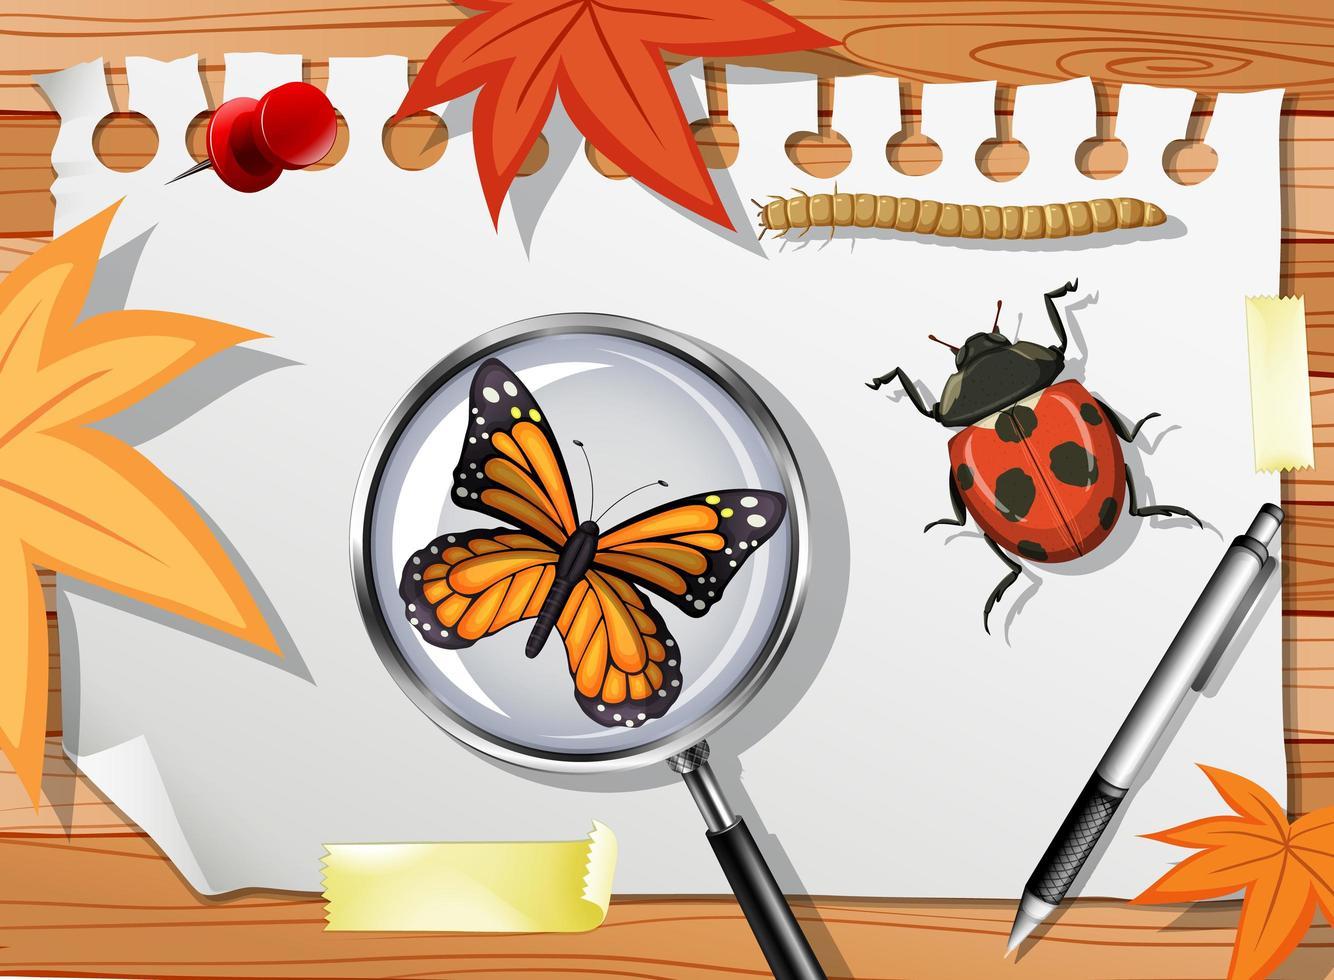 de nombreux insectes différents sur la table se bouchent vecteur